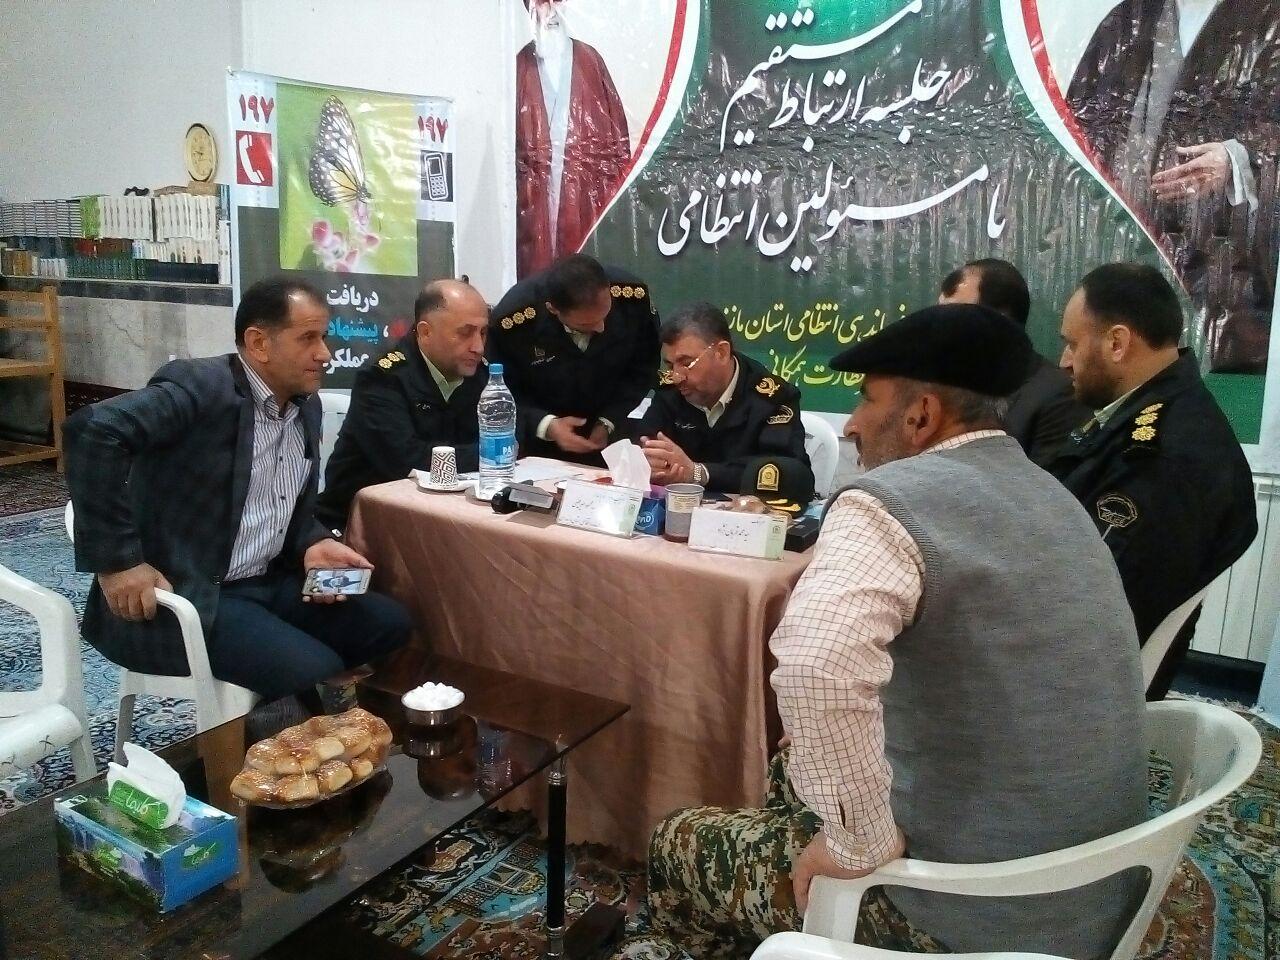 حضور سردار میر فیضی فرمانده انتظامی در بخش چهاردانگه + تصاویر